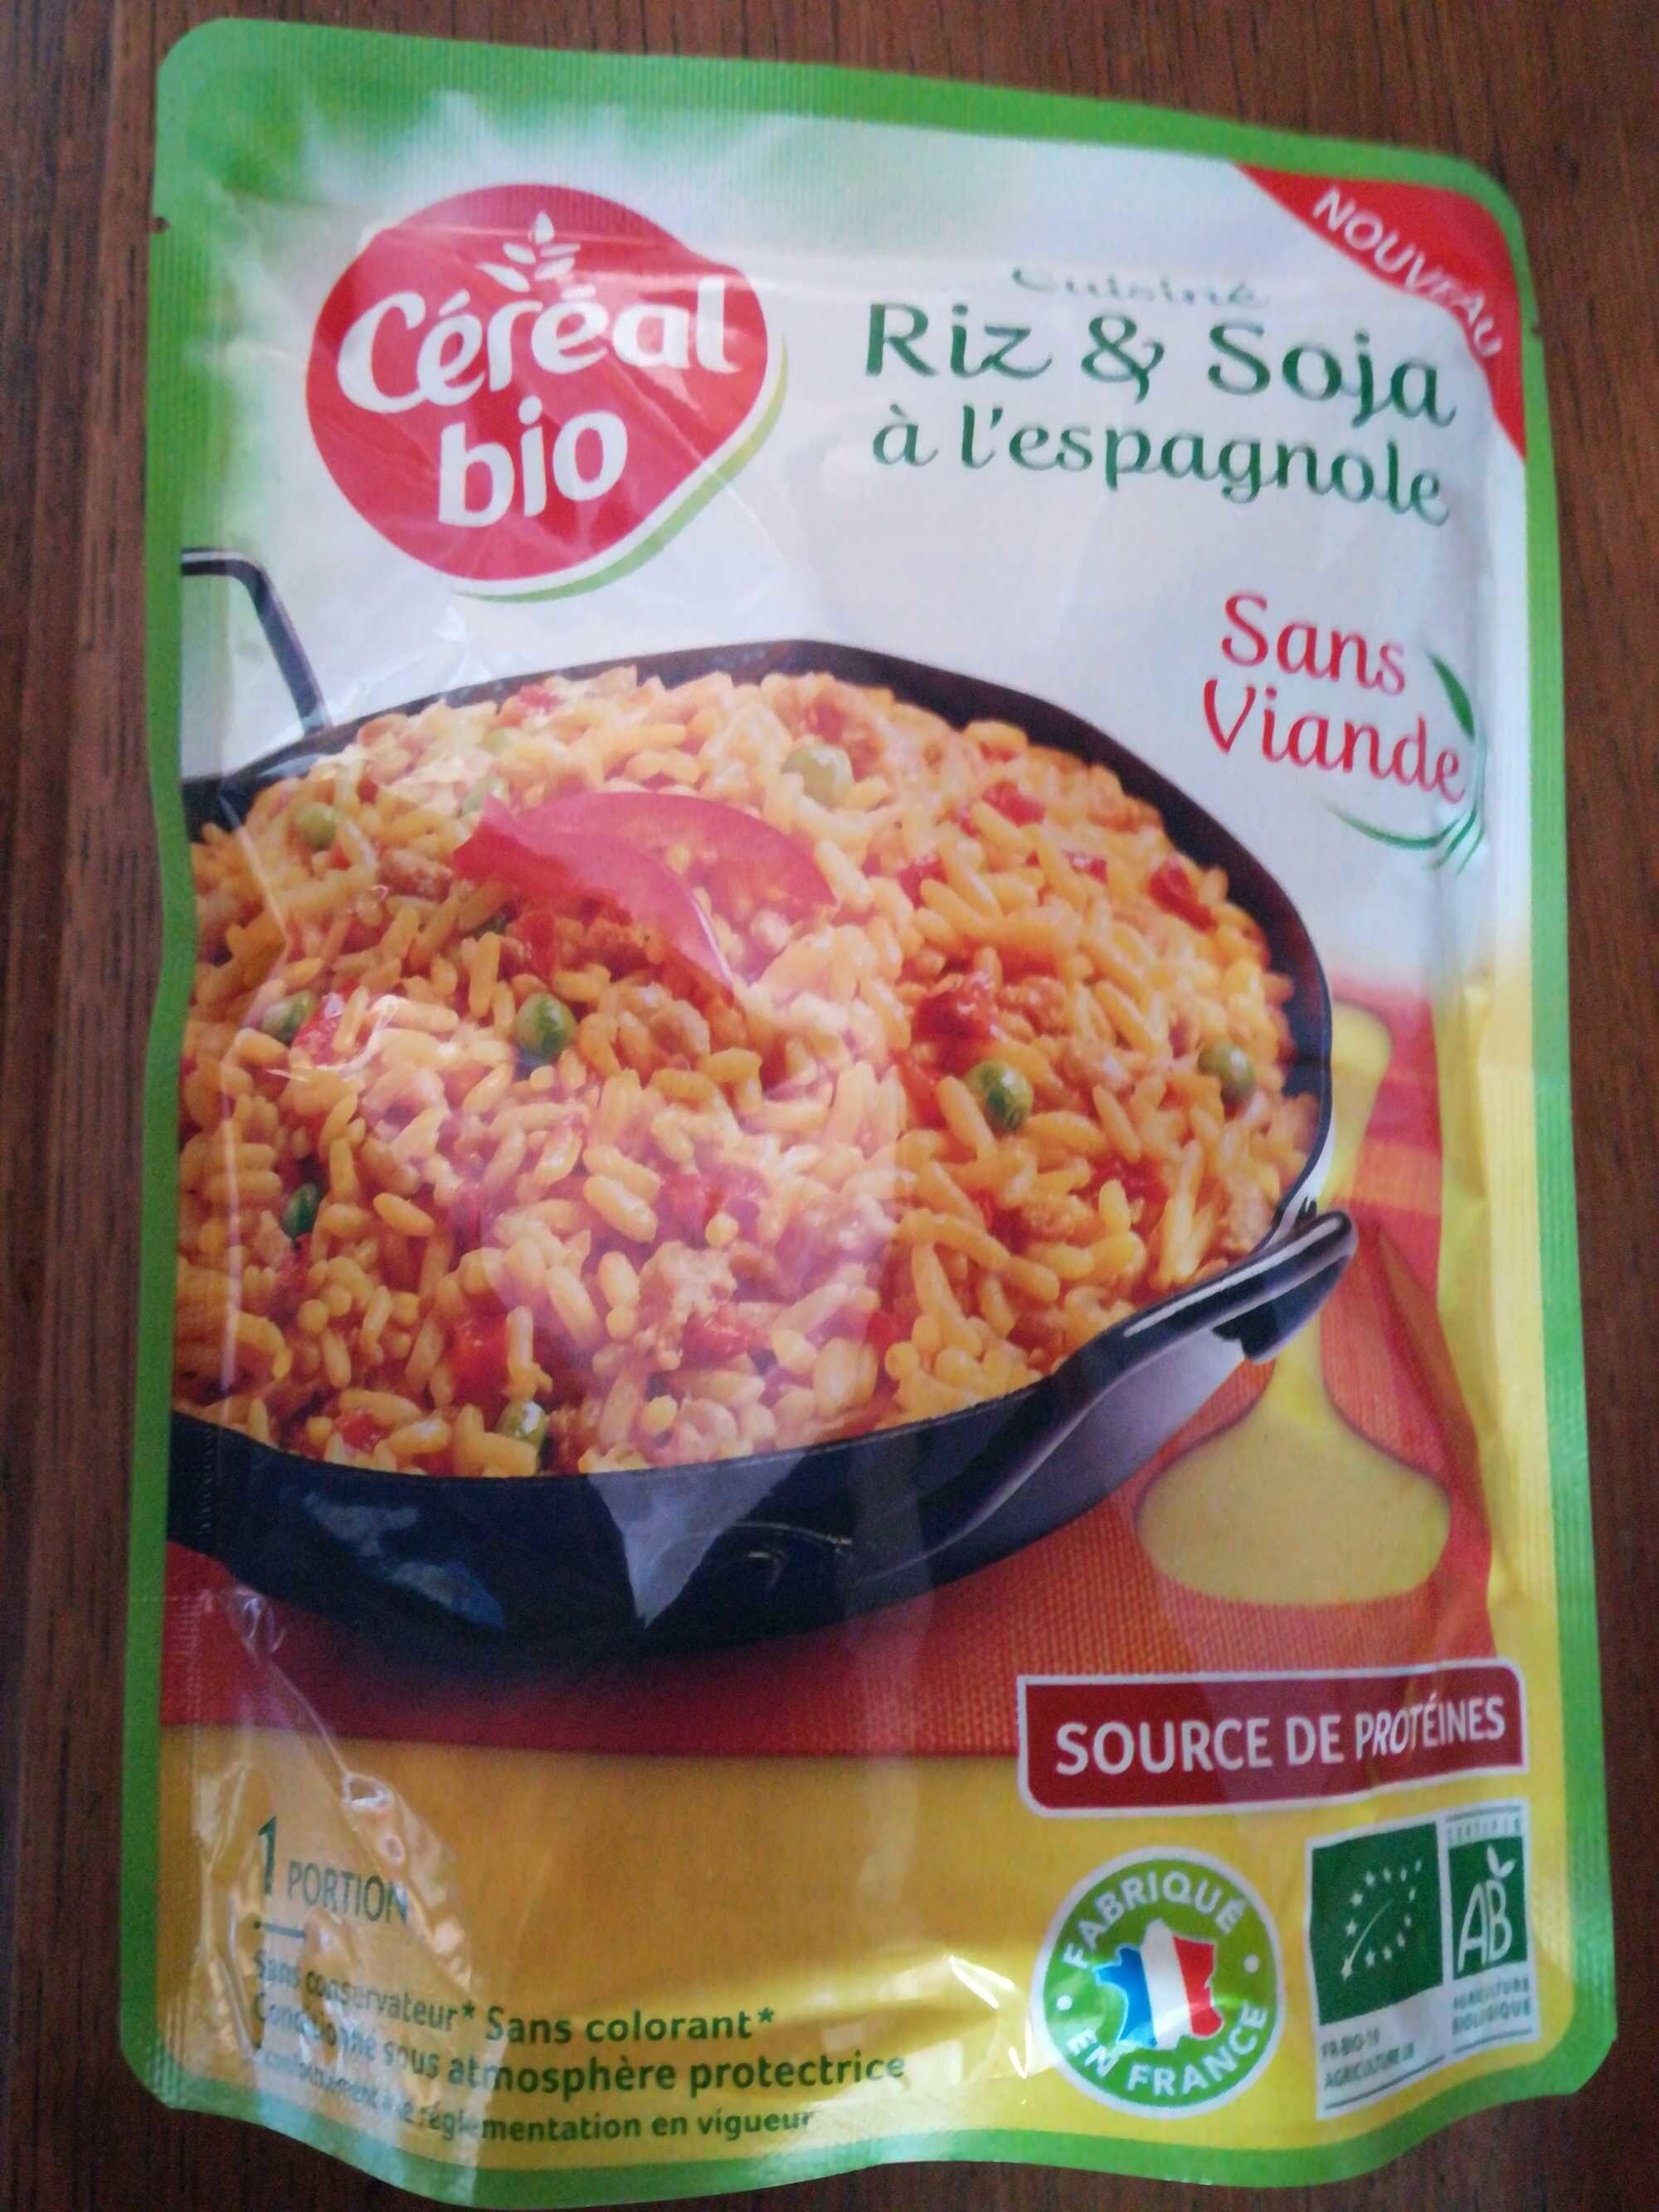 Cuisine riz et soja a l'espagnole - Produit - fr